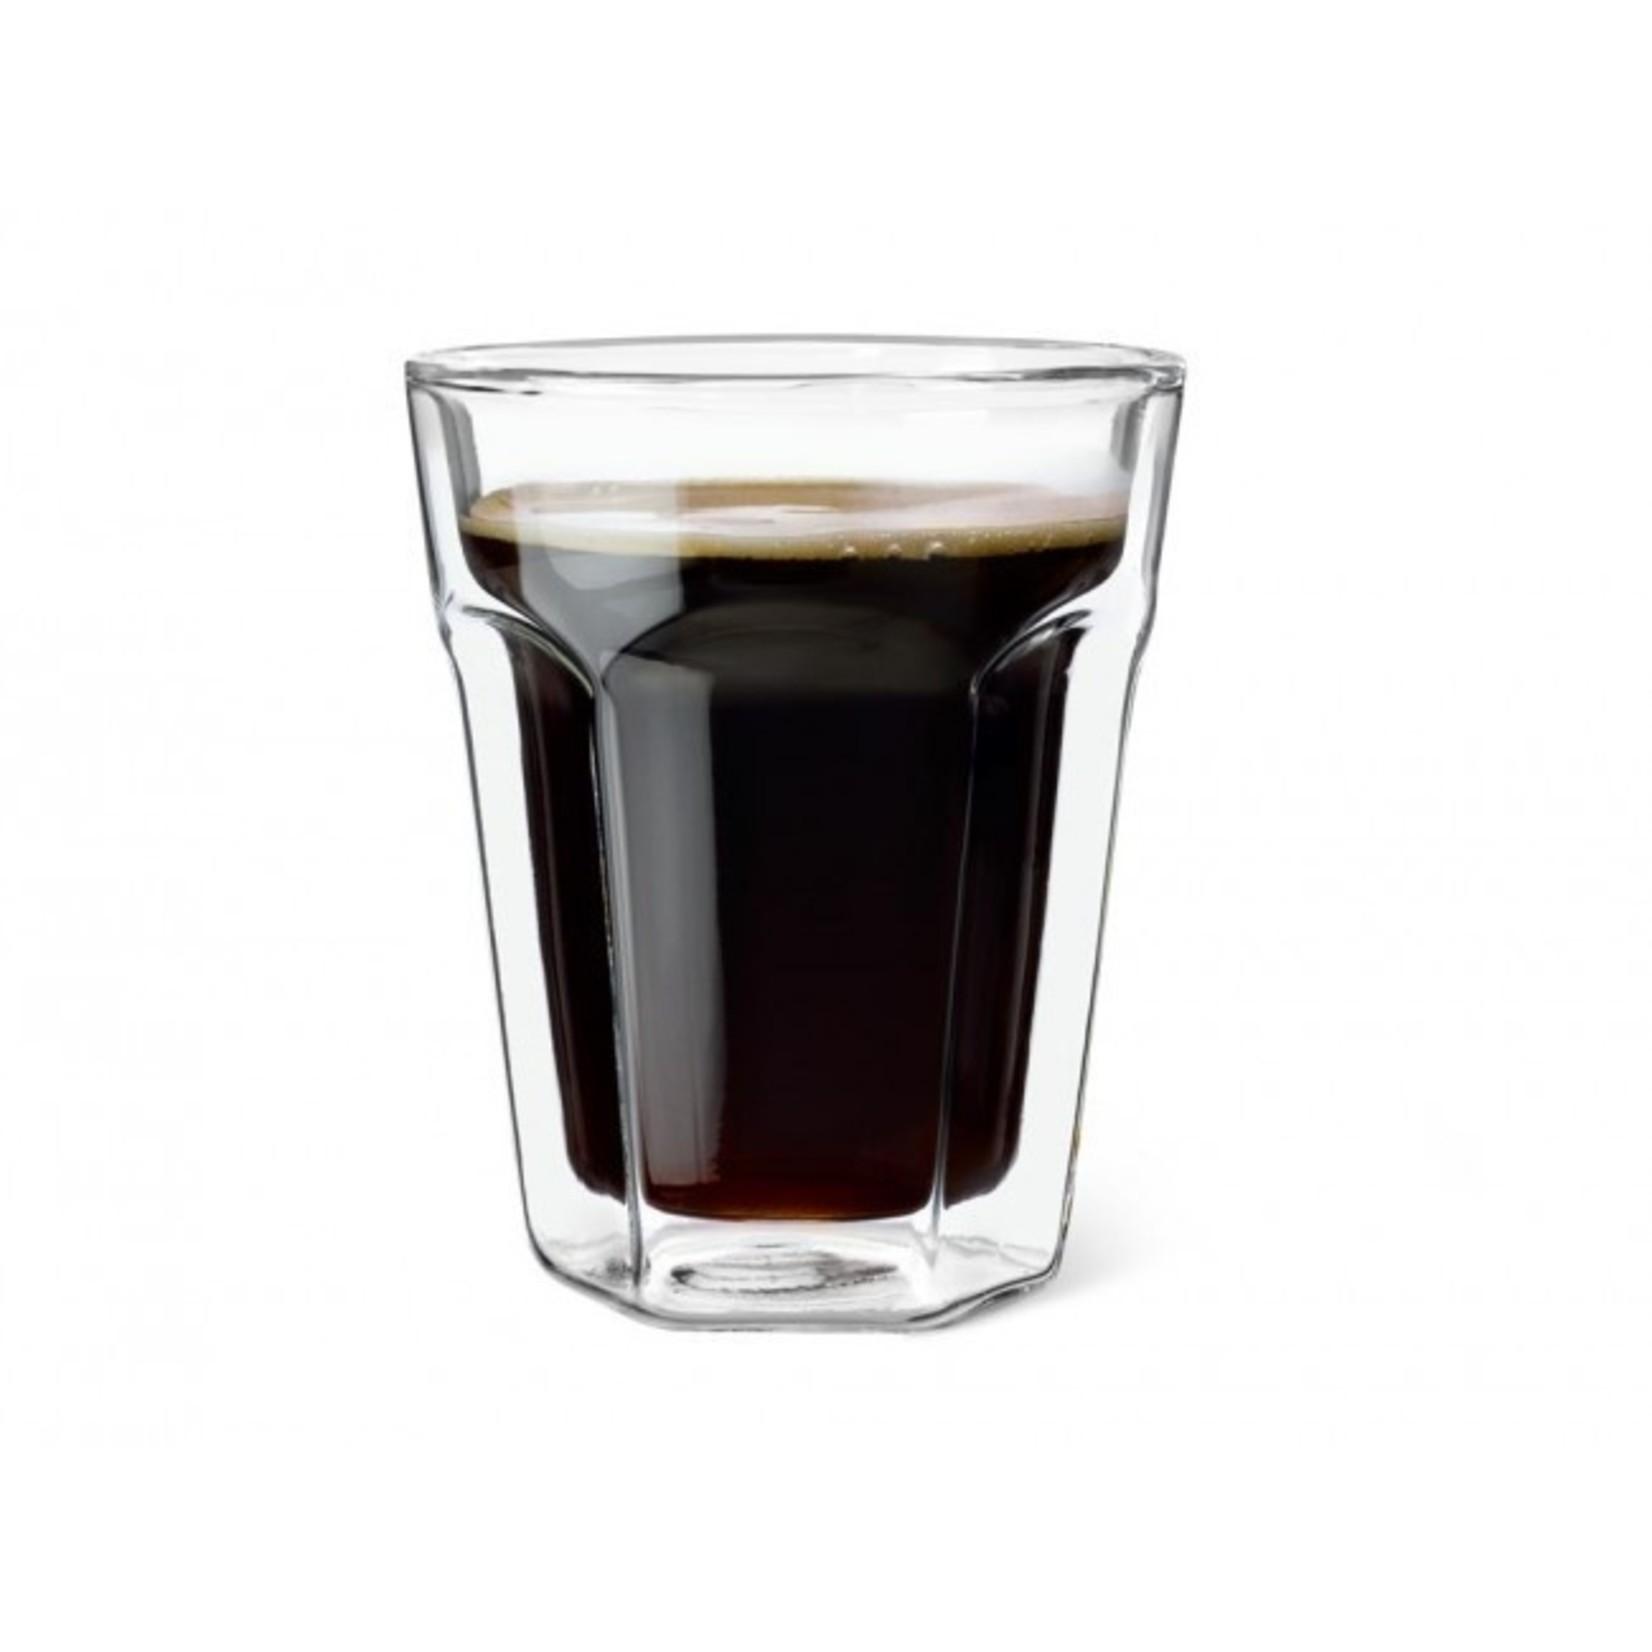 Leopold Vienna Leopold Vienna Dubbelwandig Glas Koffie 220ml S/2